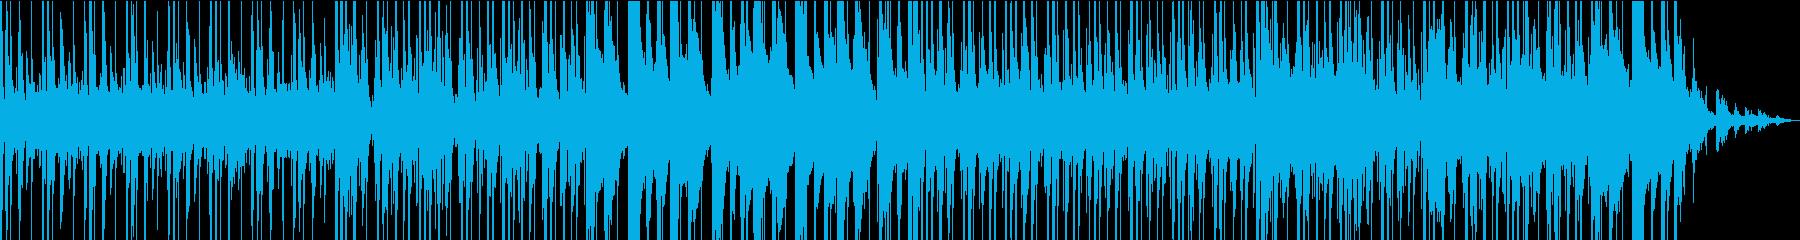 安定した催眠ドラムグルーヴを備えた...の再生済みの波形